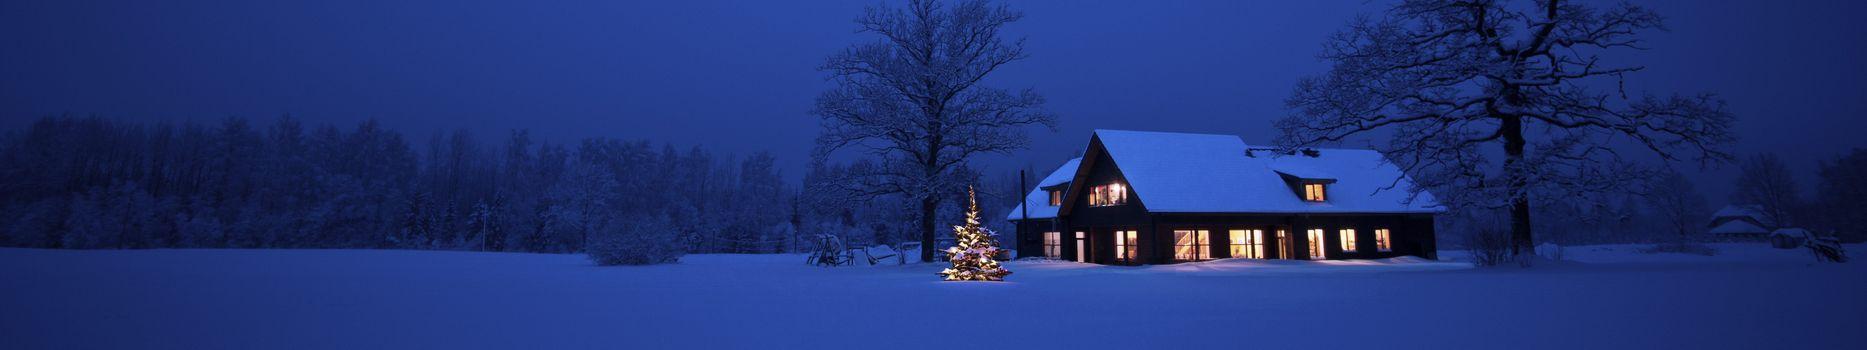 Фото бесплатно Рождество, Пасечник, монитор